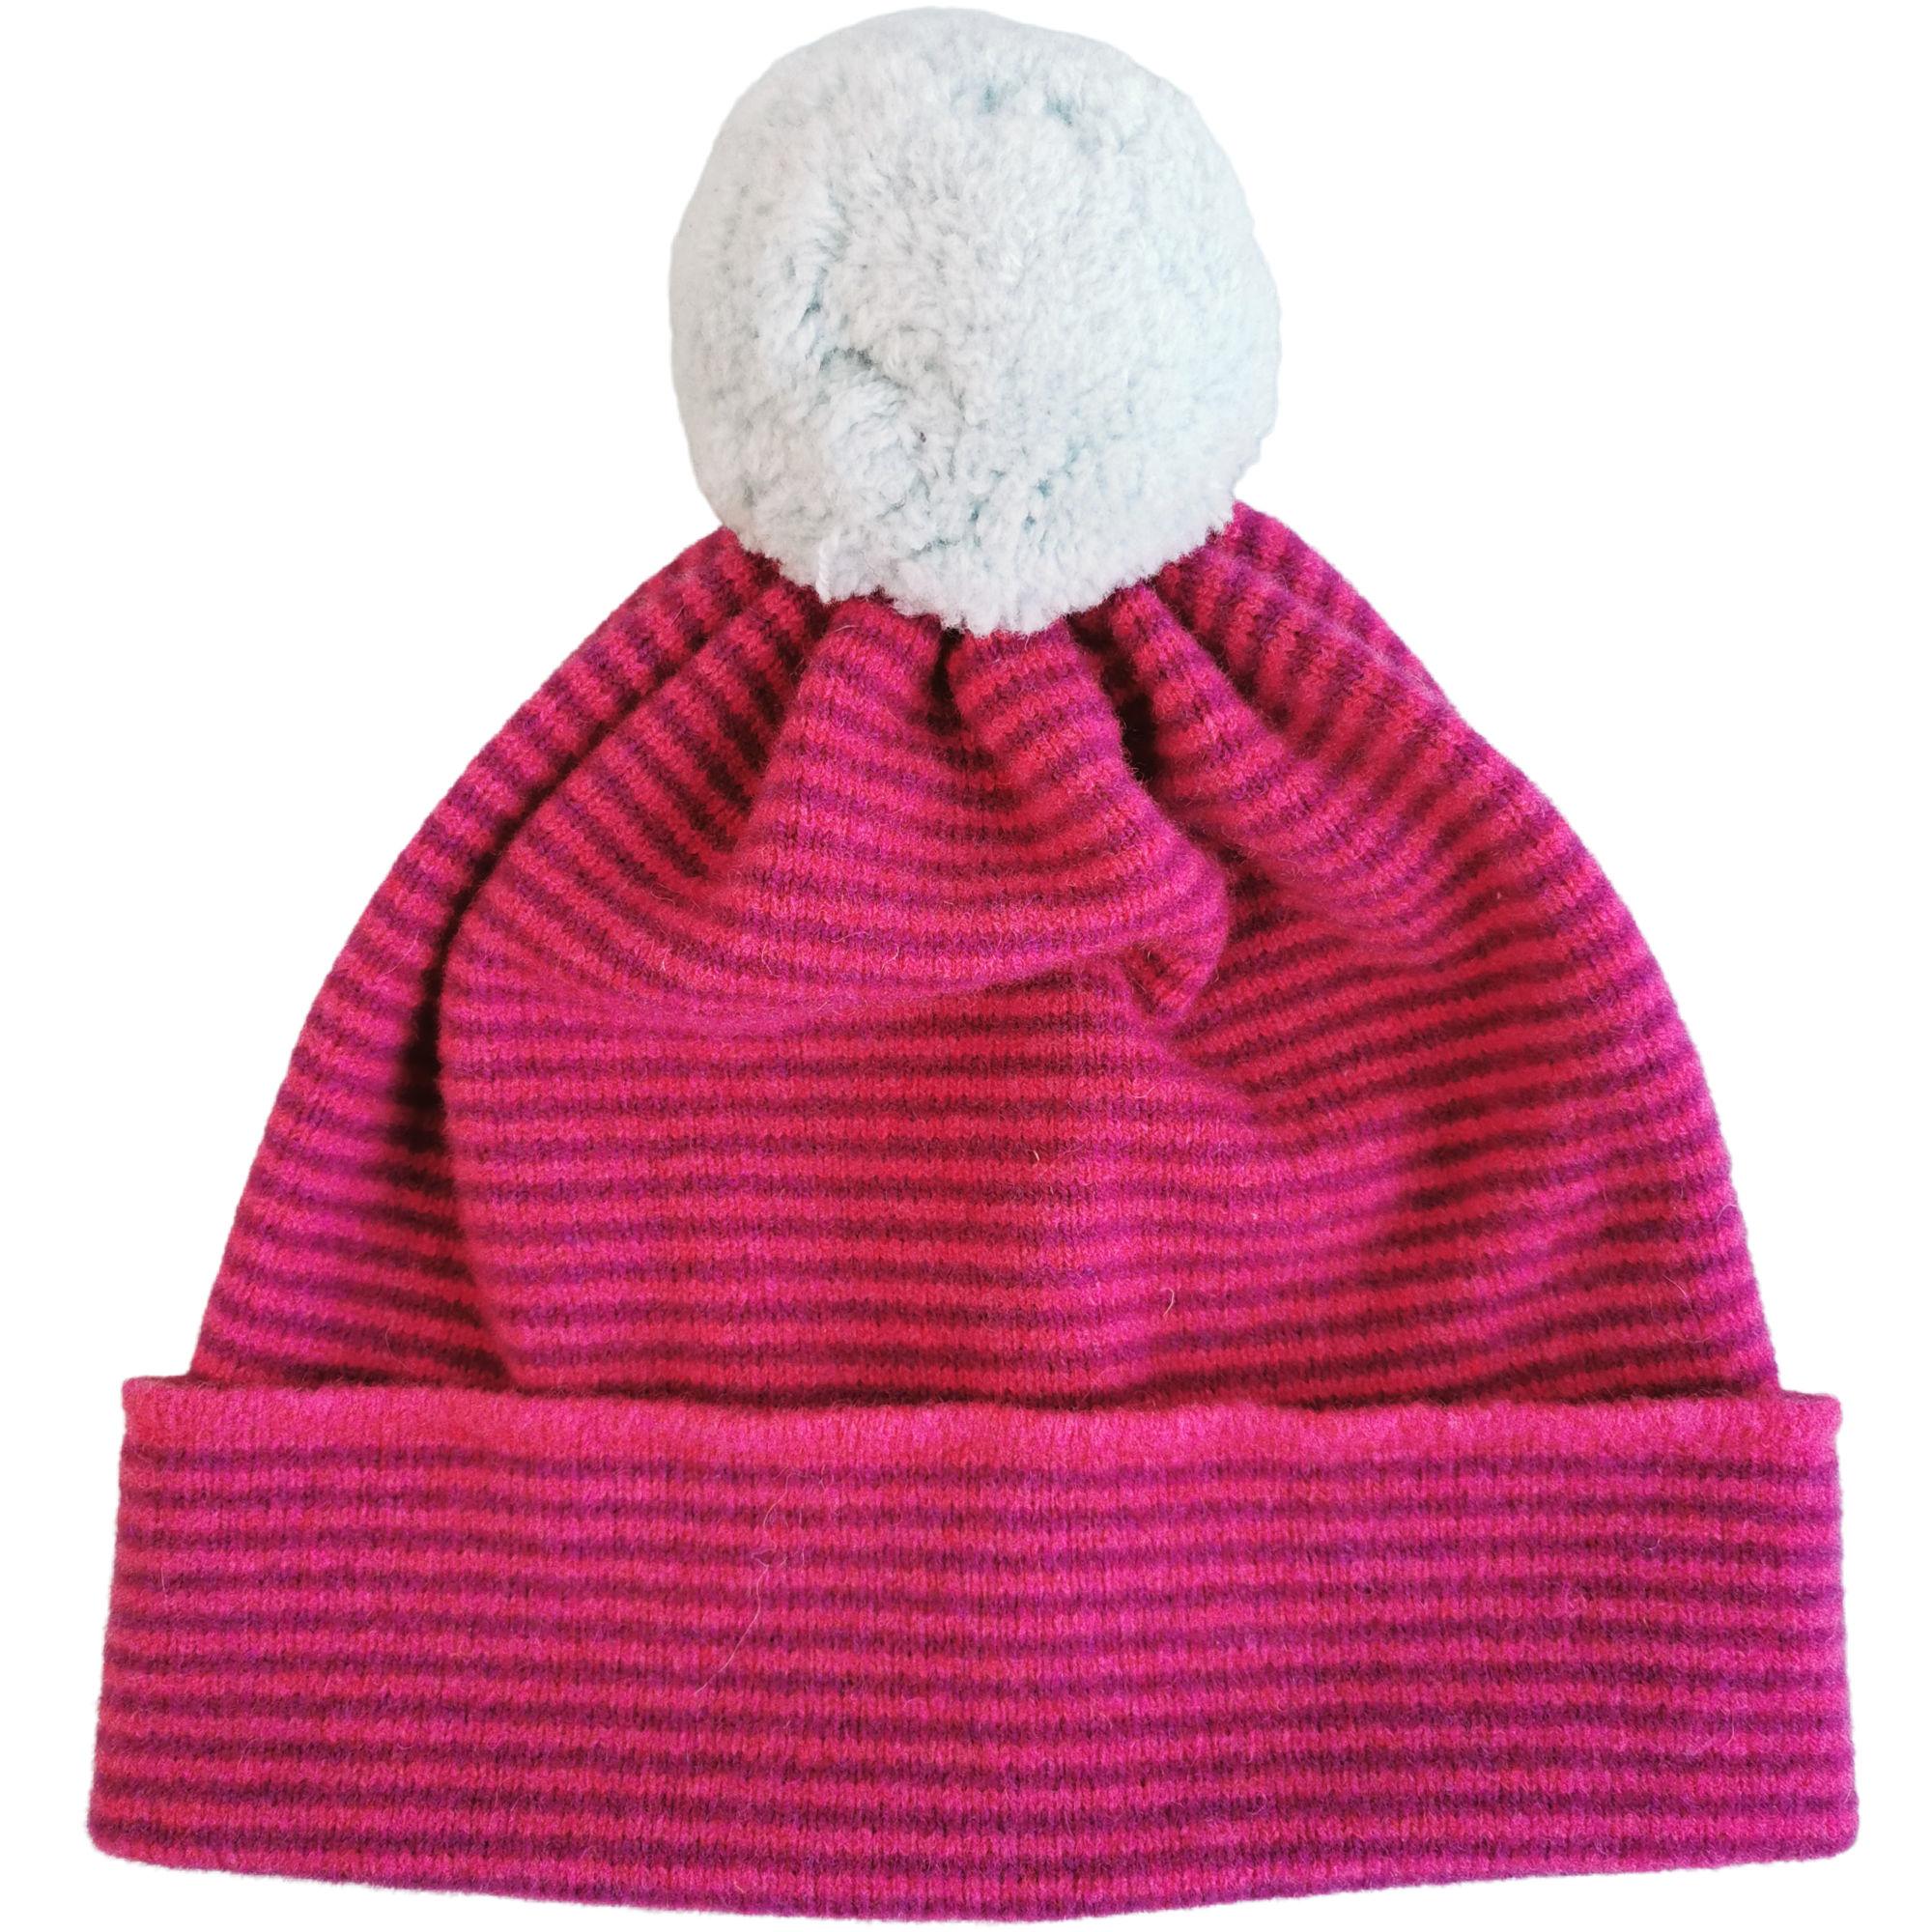 Pom pom hat by Louise Wedderburn